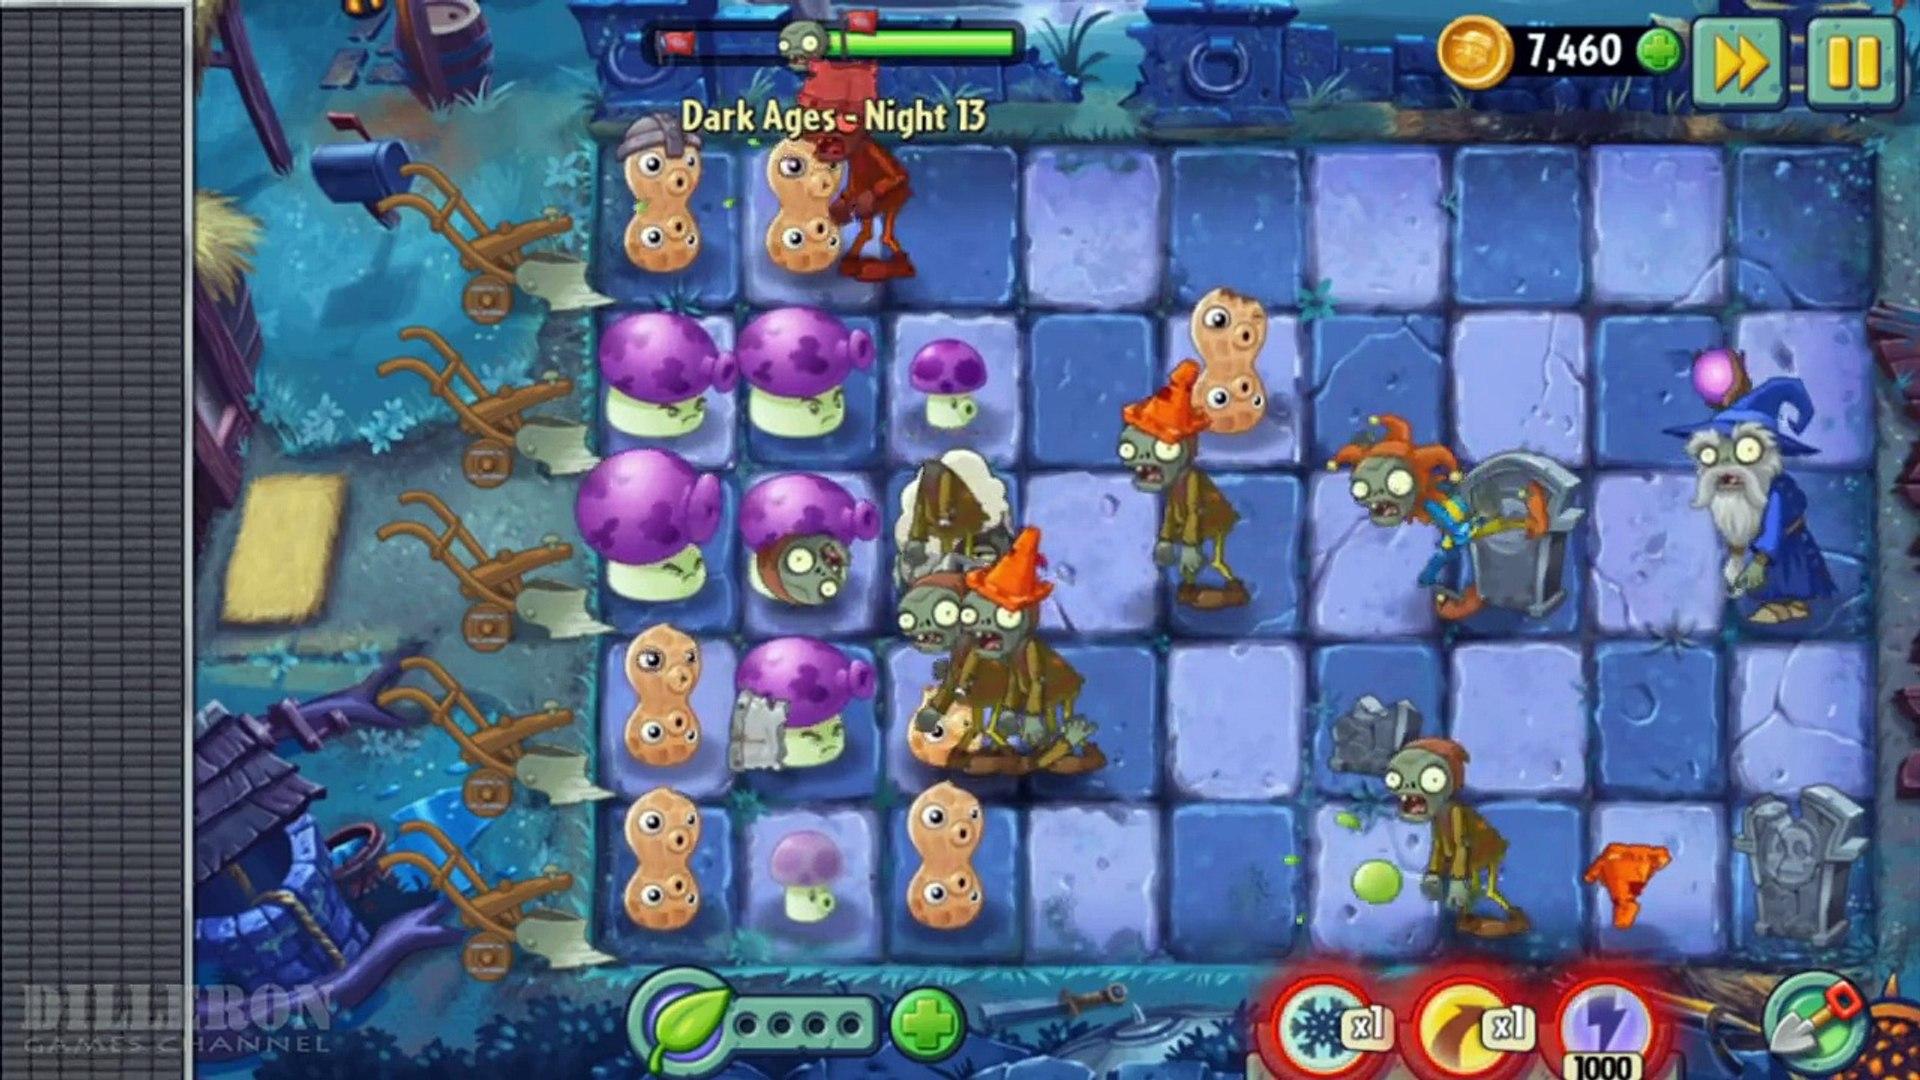 ч.126 Plants vs. Zombies 2 - Dark Ages - Day 13